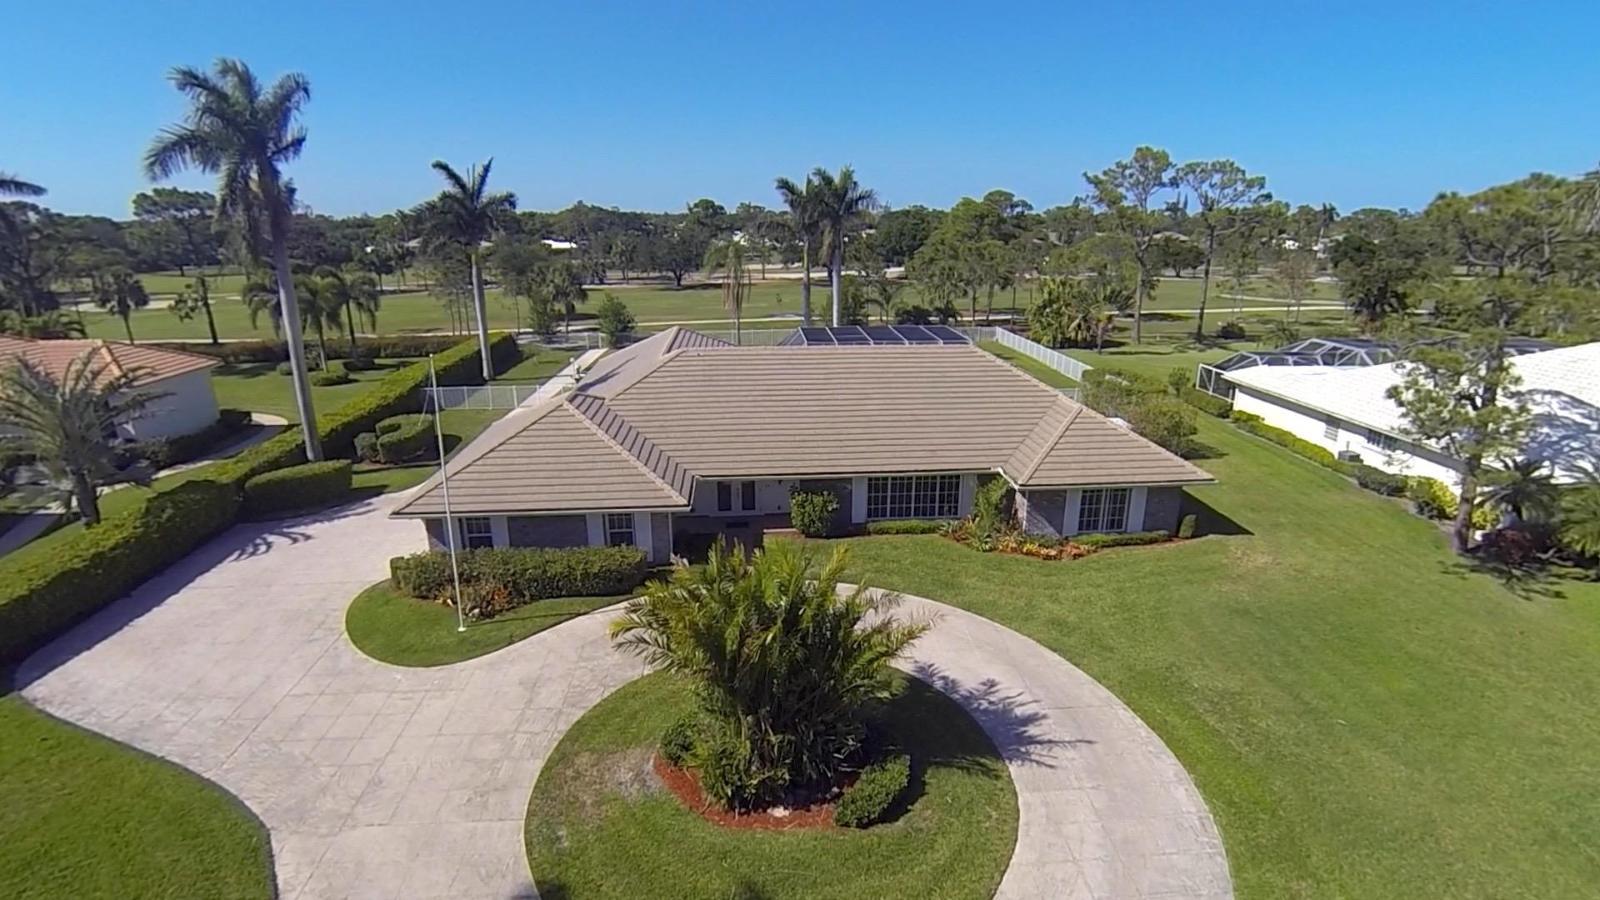 Homes for Sale in Atlantis FL — Atlantis Real Estate — ZipRealty